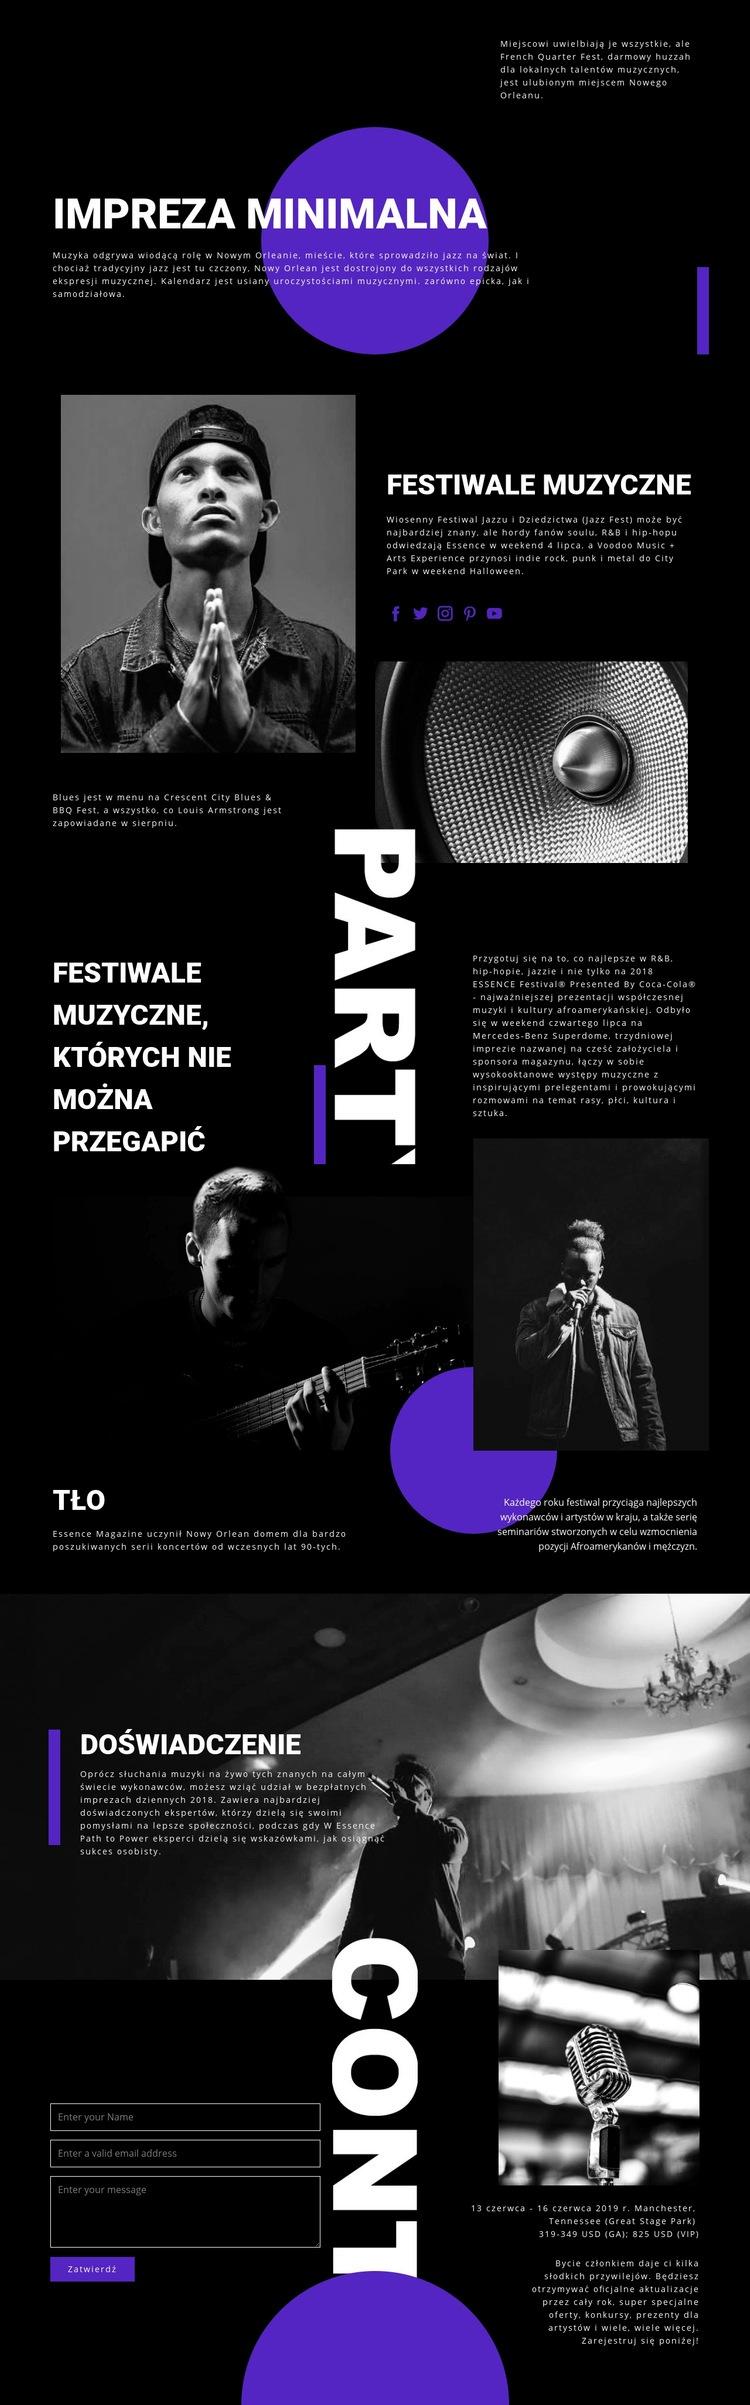 Festiwal Muzyczny Szablon Joomla